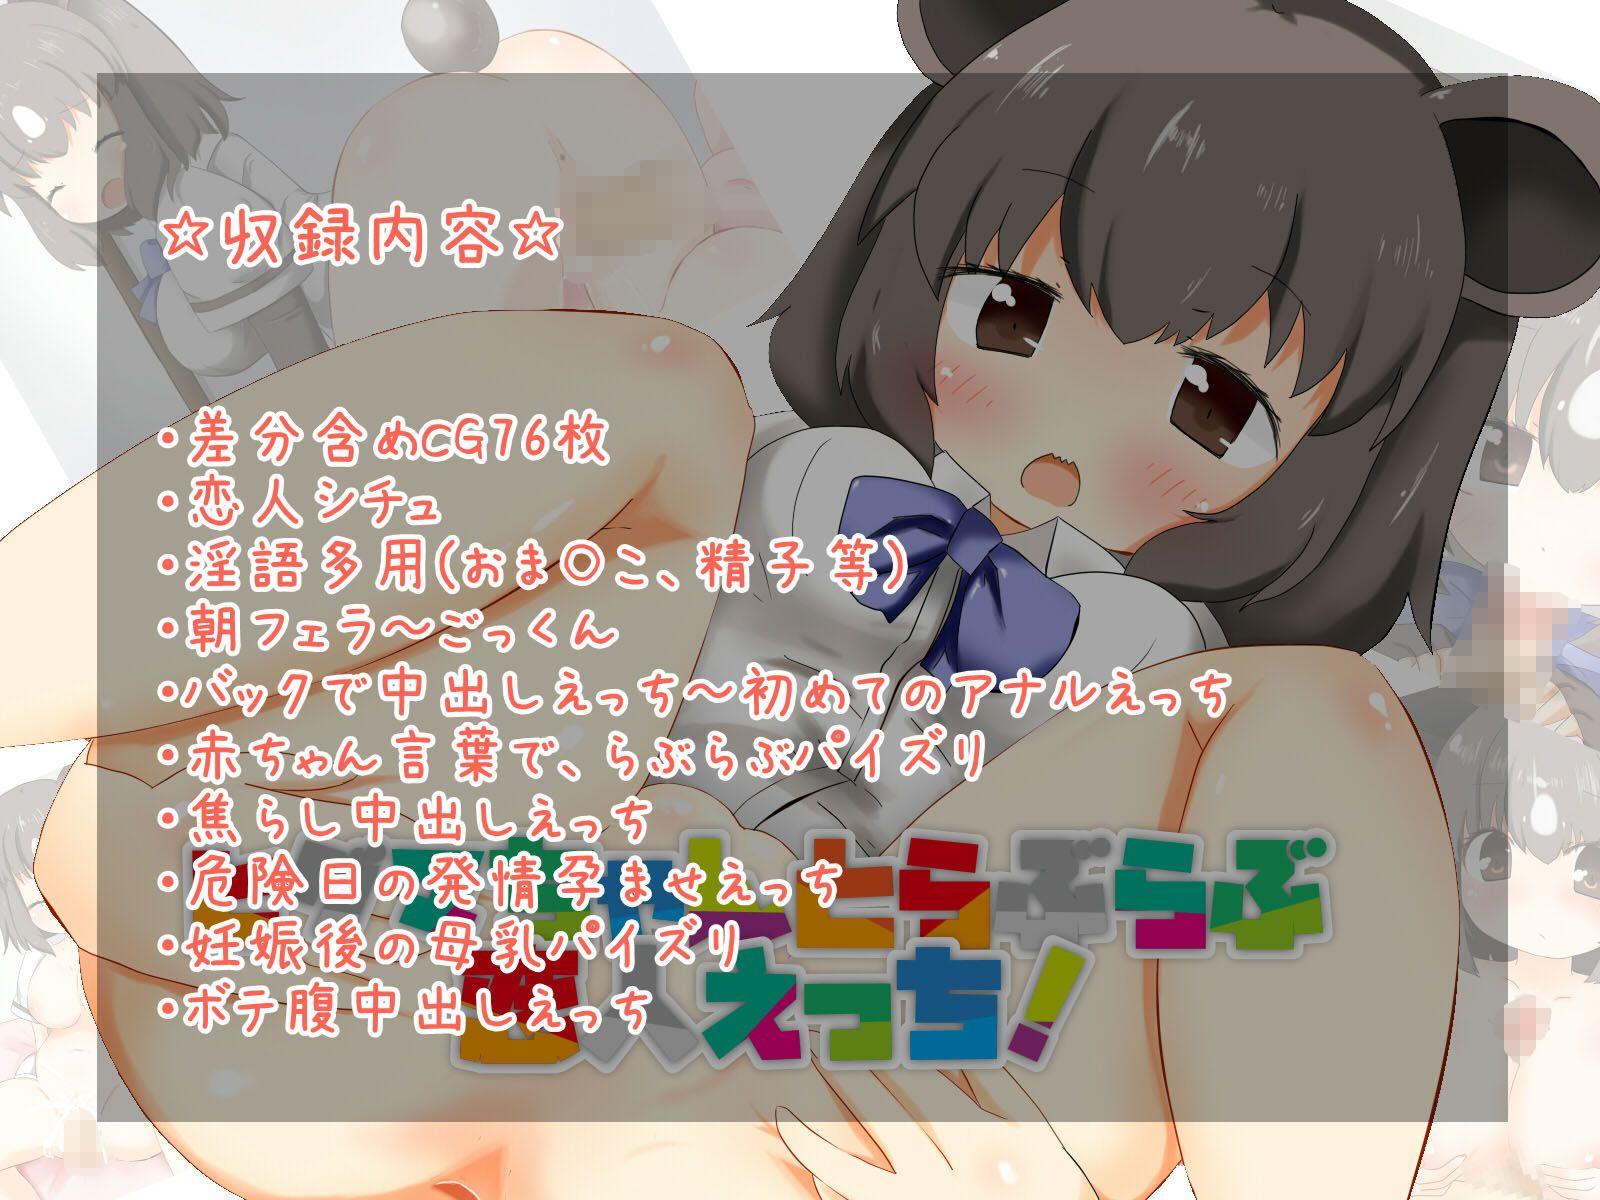 【秋と春の夢 同人】ヒグマちゃんとらぶらぶ恋人えっち!